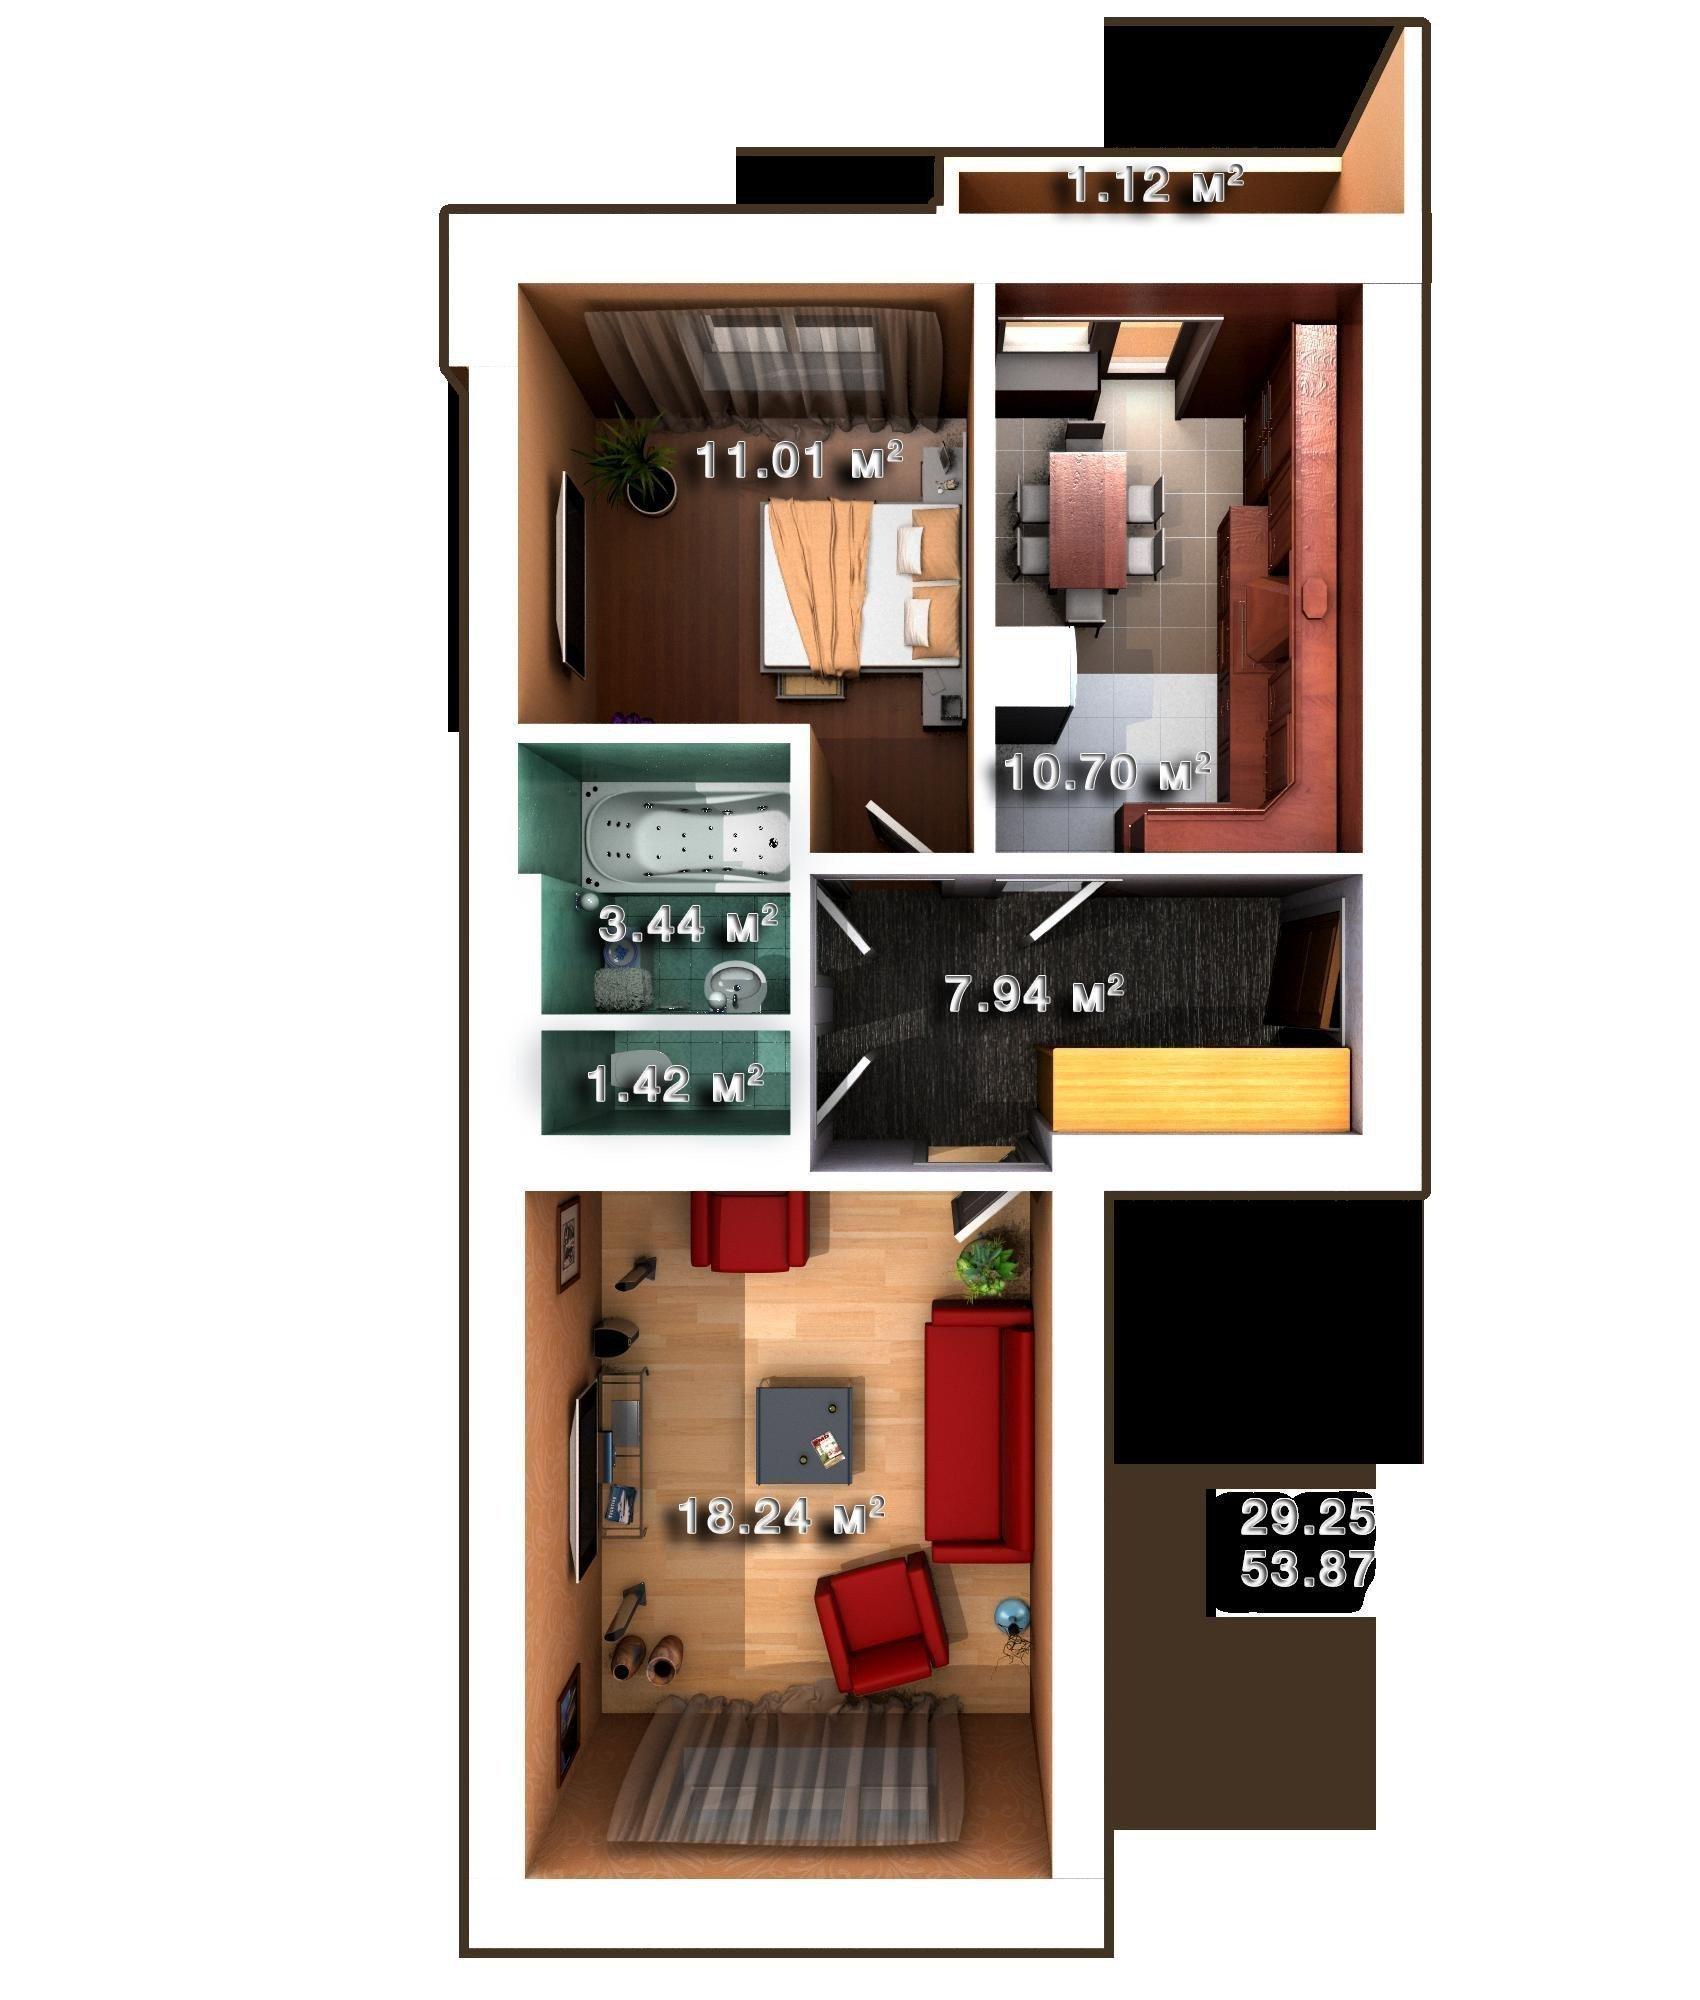 Продам квартиру в городе Ирпень. Объявление № 3638